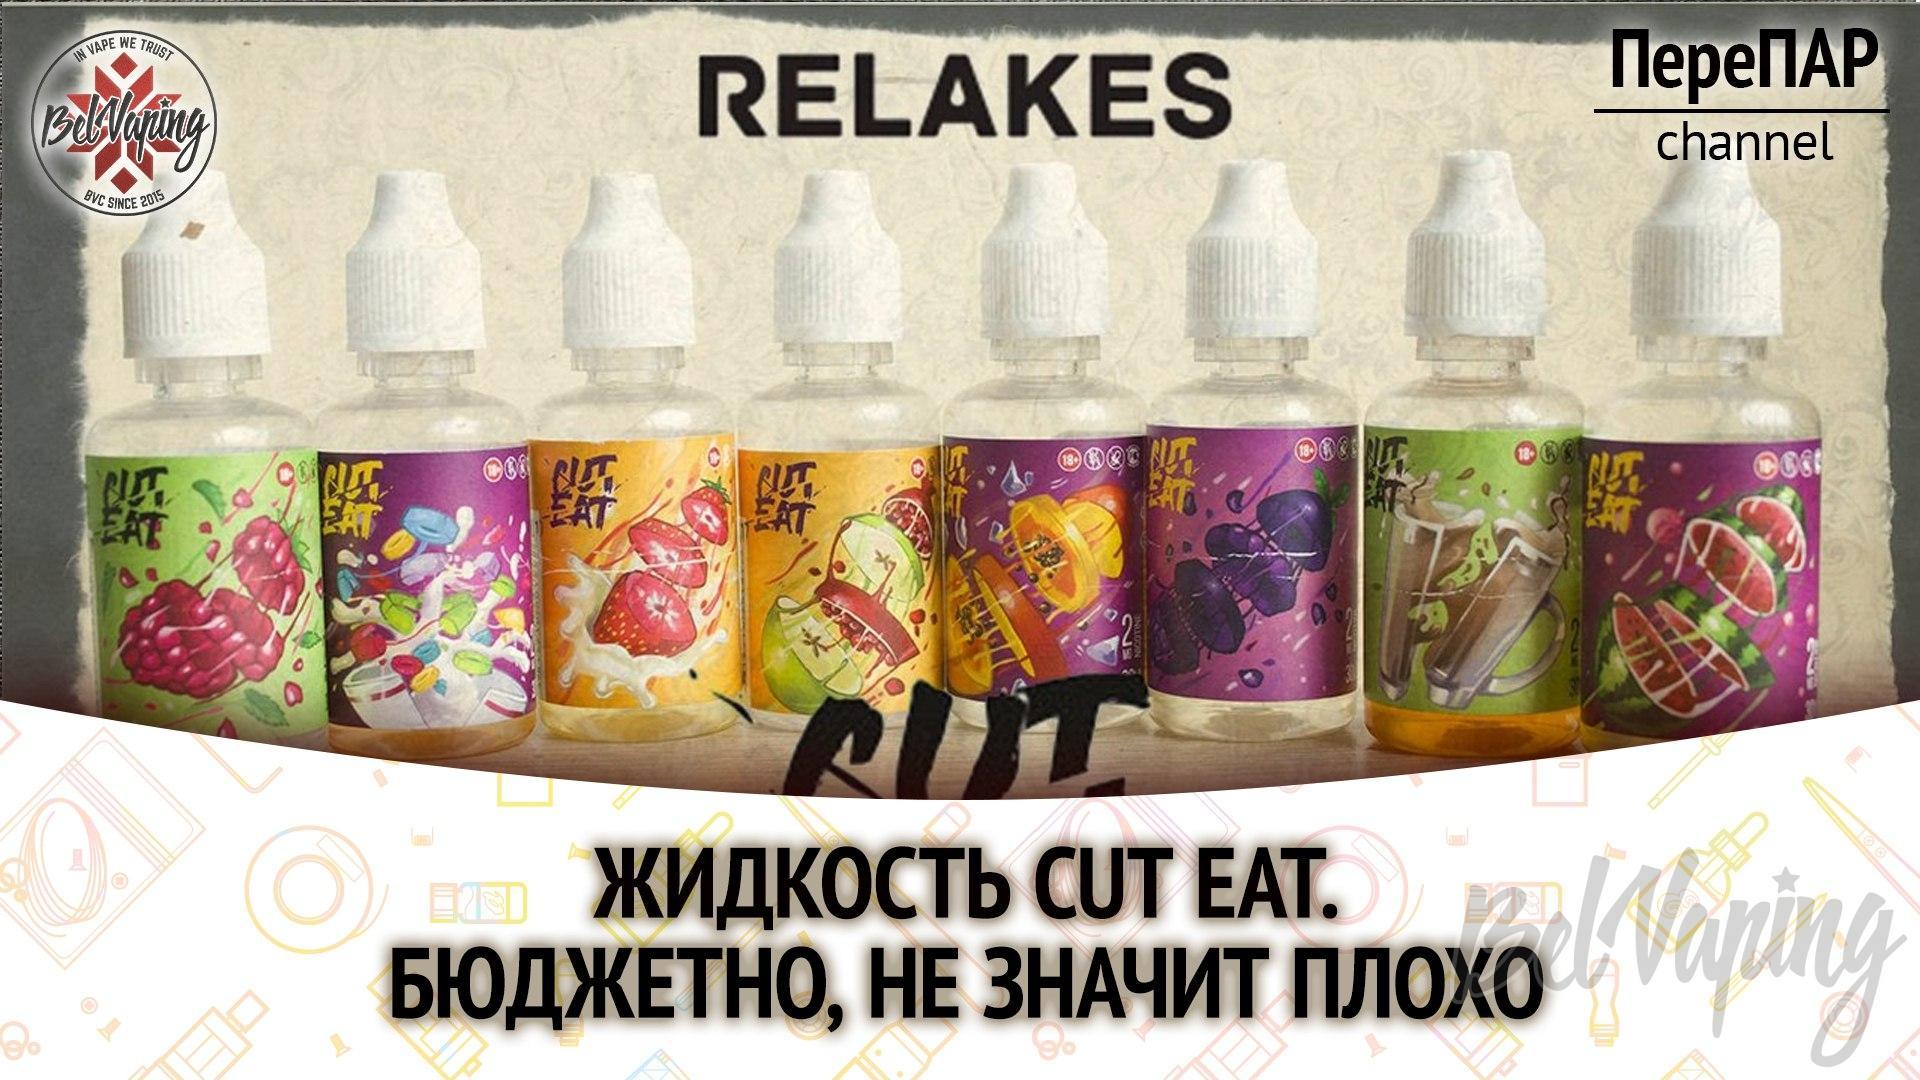 Обзор жидкости CUT EAT от RELAKES